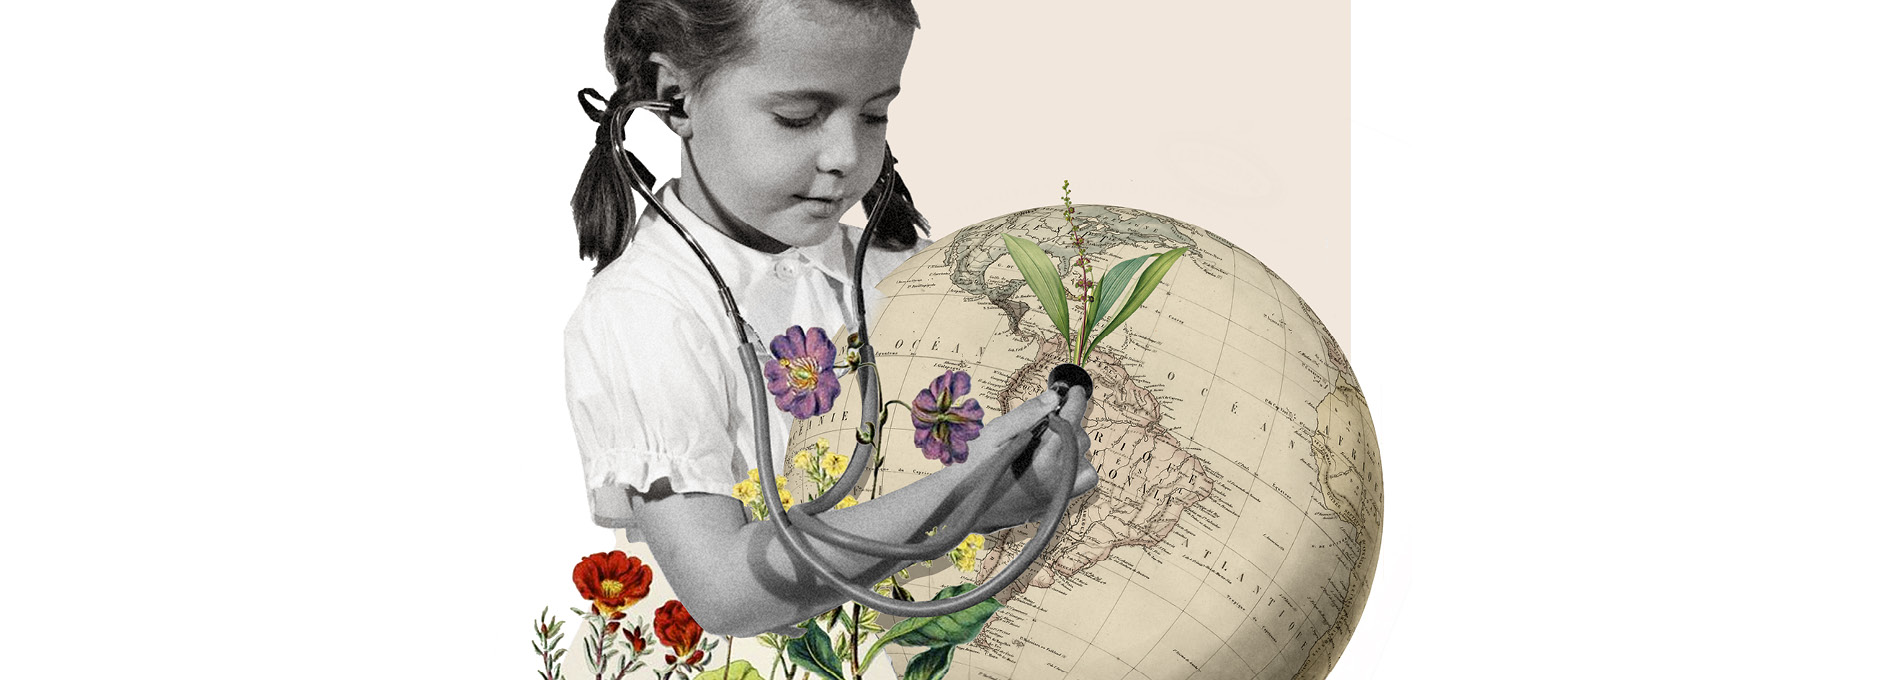 Estudo mapeia comportamento do brasileiro durante a pandemia